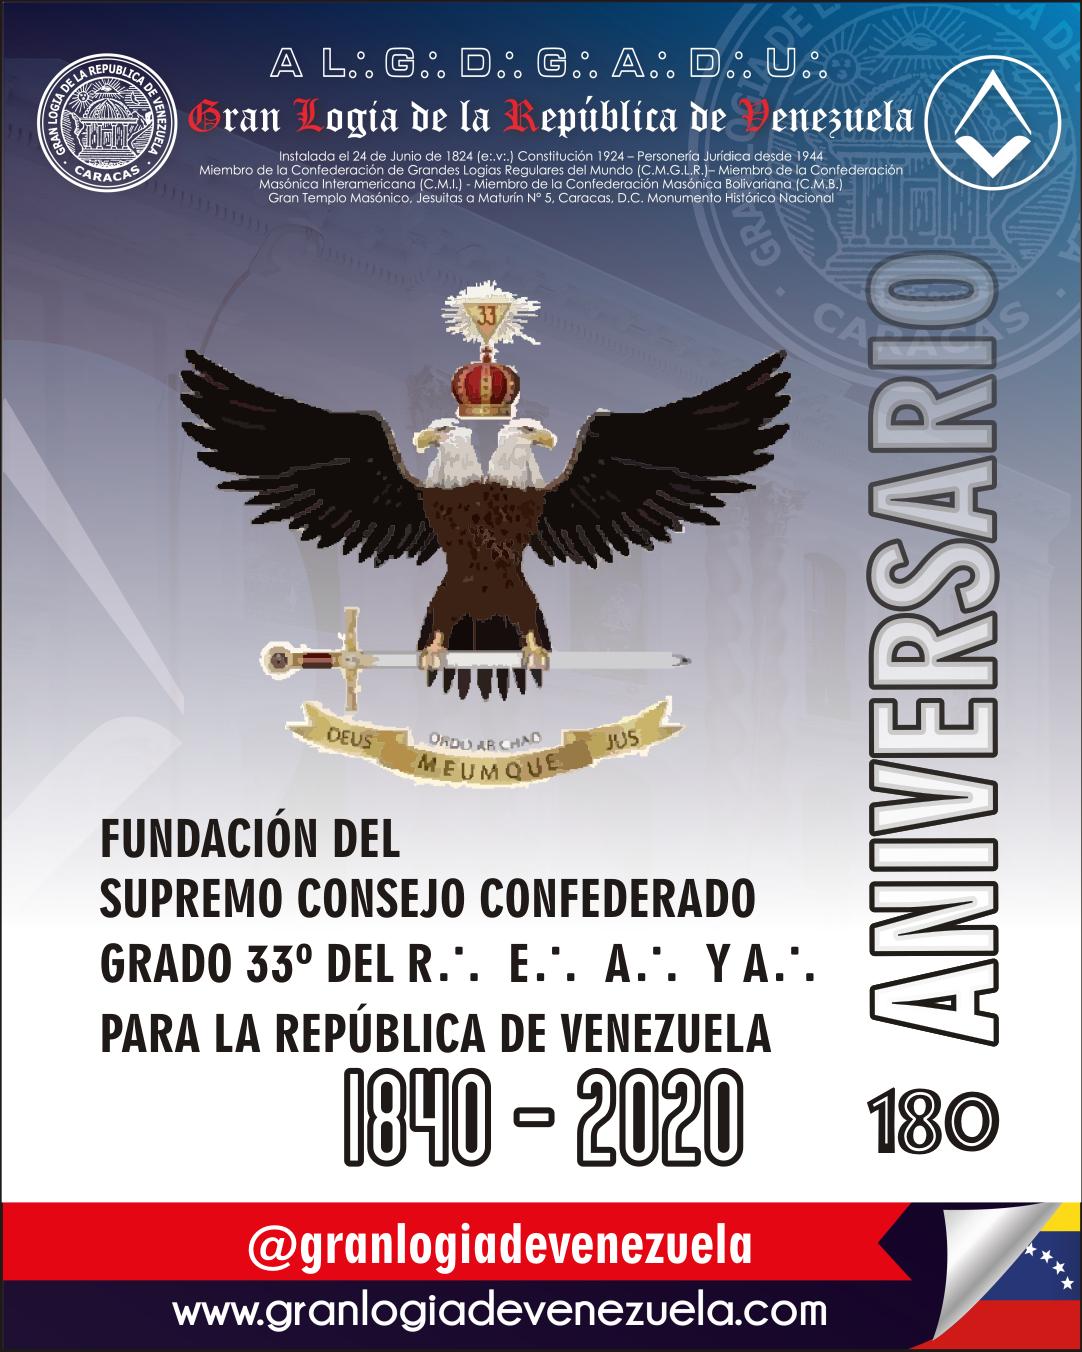 180 Aniversario del Supremo Consejo Confederado del Grado 33, único y último para la República de Venezuela